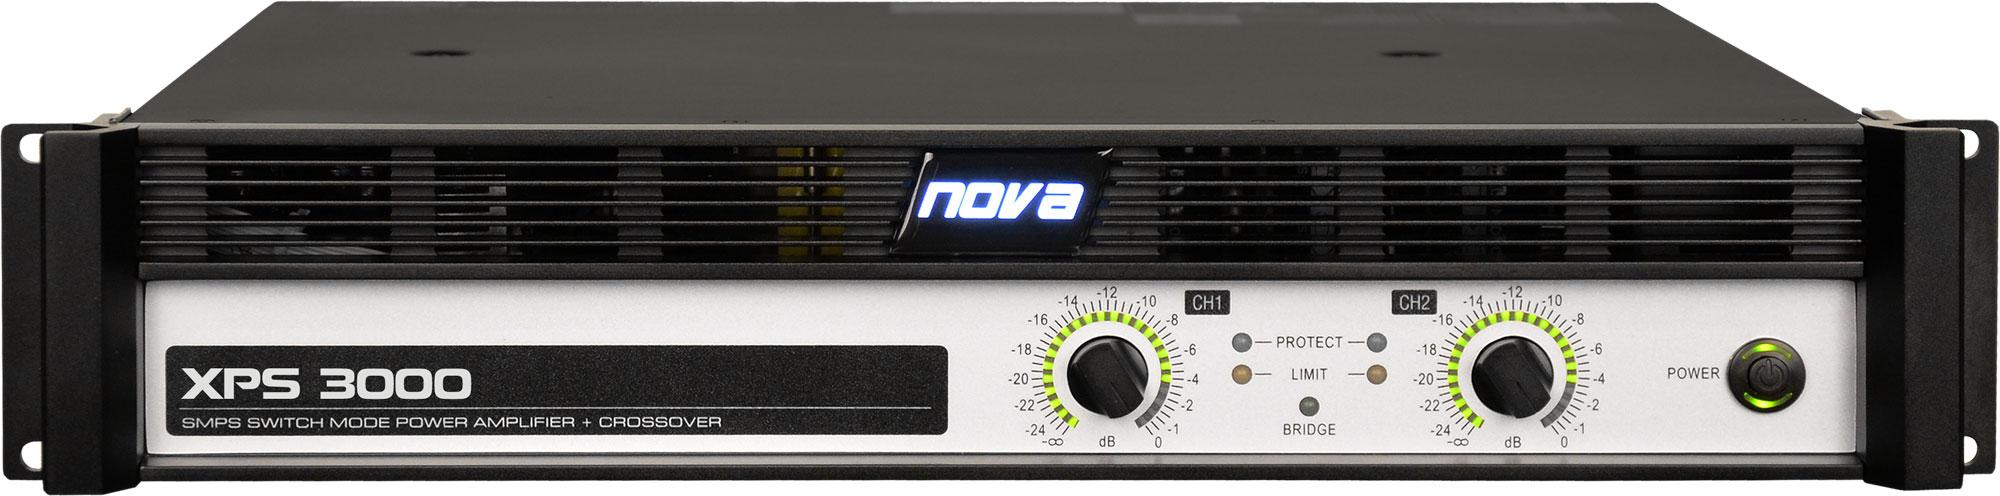 Billede af NOVA XPS 3000